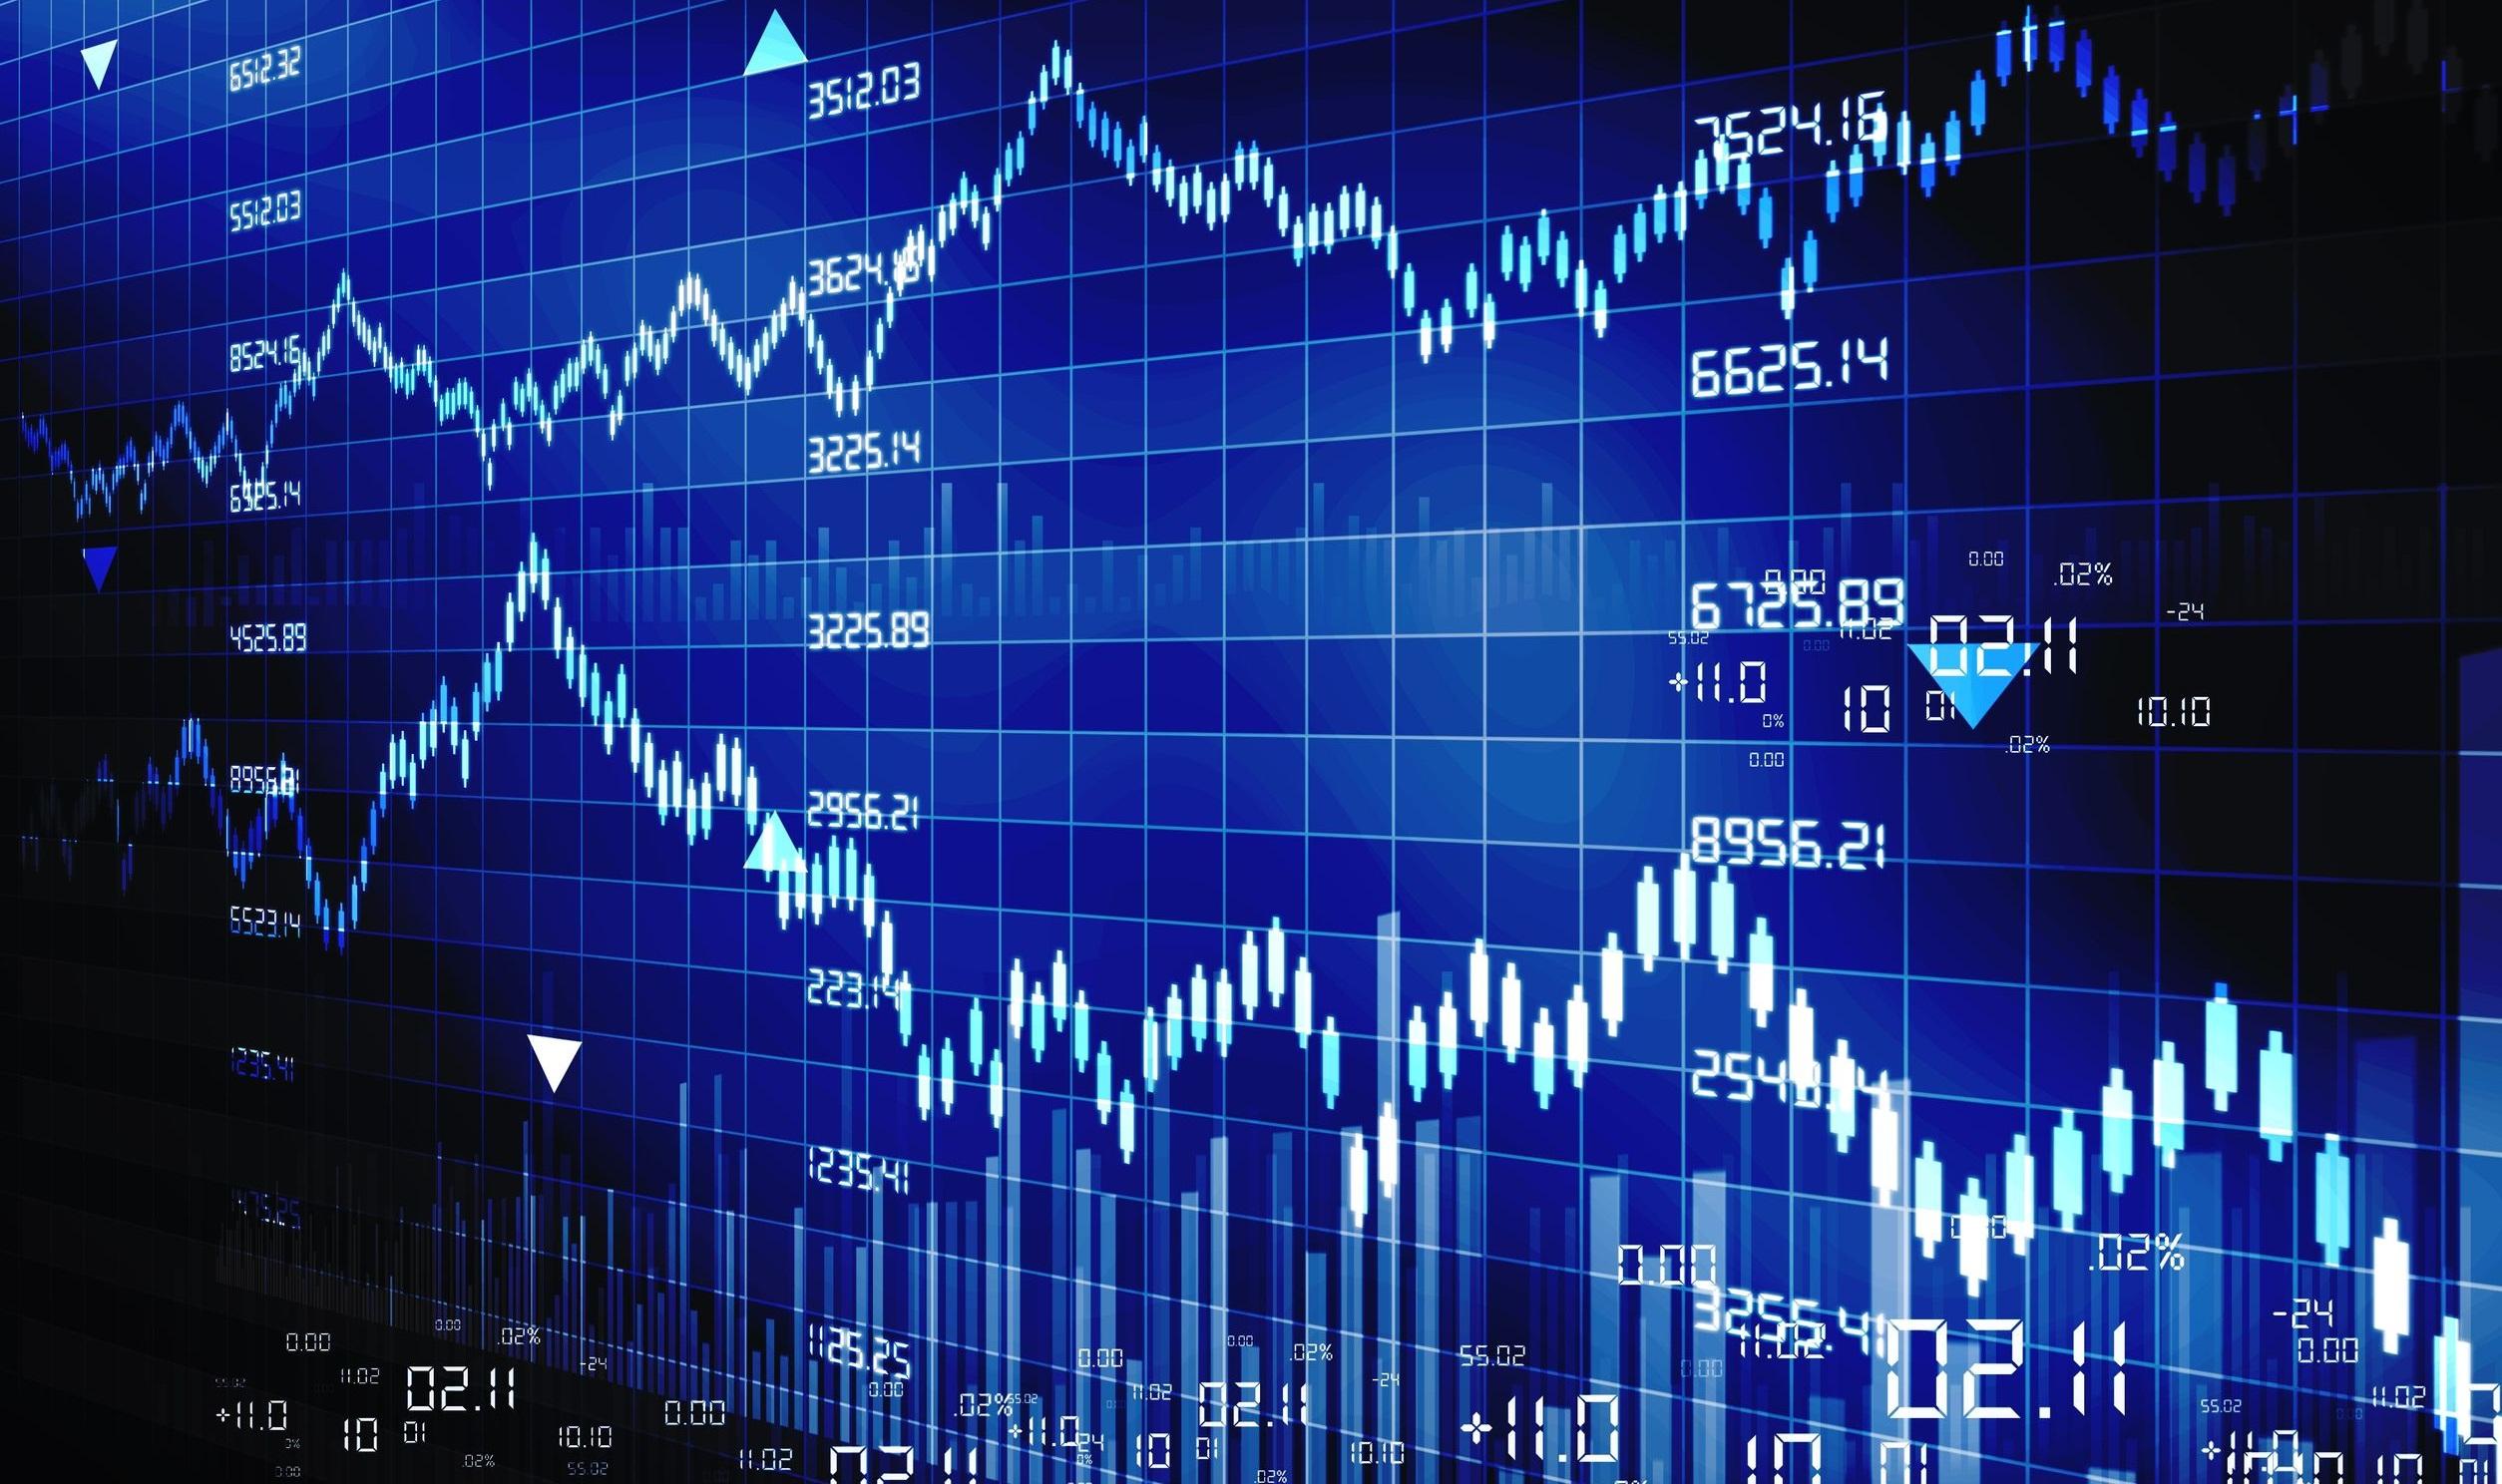 газпром акции купить в Сбербанке